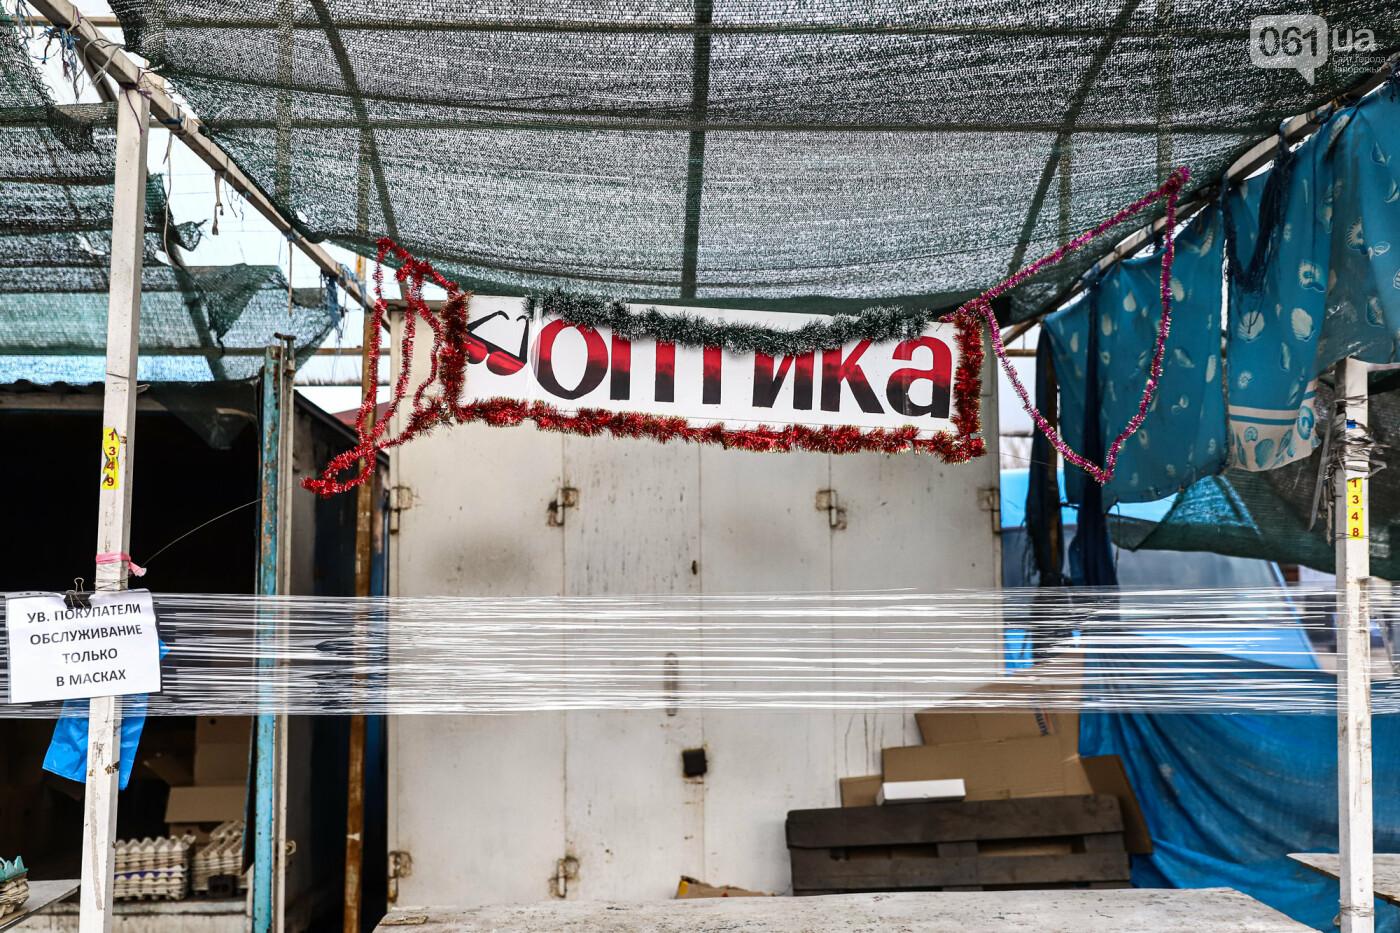 Защитные ленты на товарах, неработающие ТРЦ и полузакрытые рынки – фоторепортаж о первом дне локдауна в Запорожье, фото-9